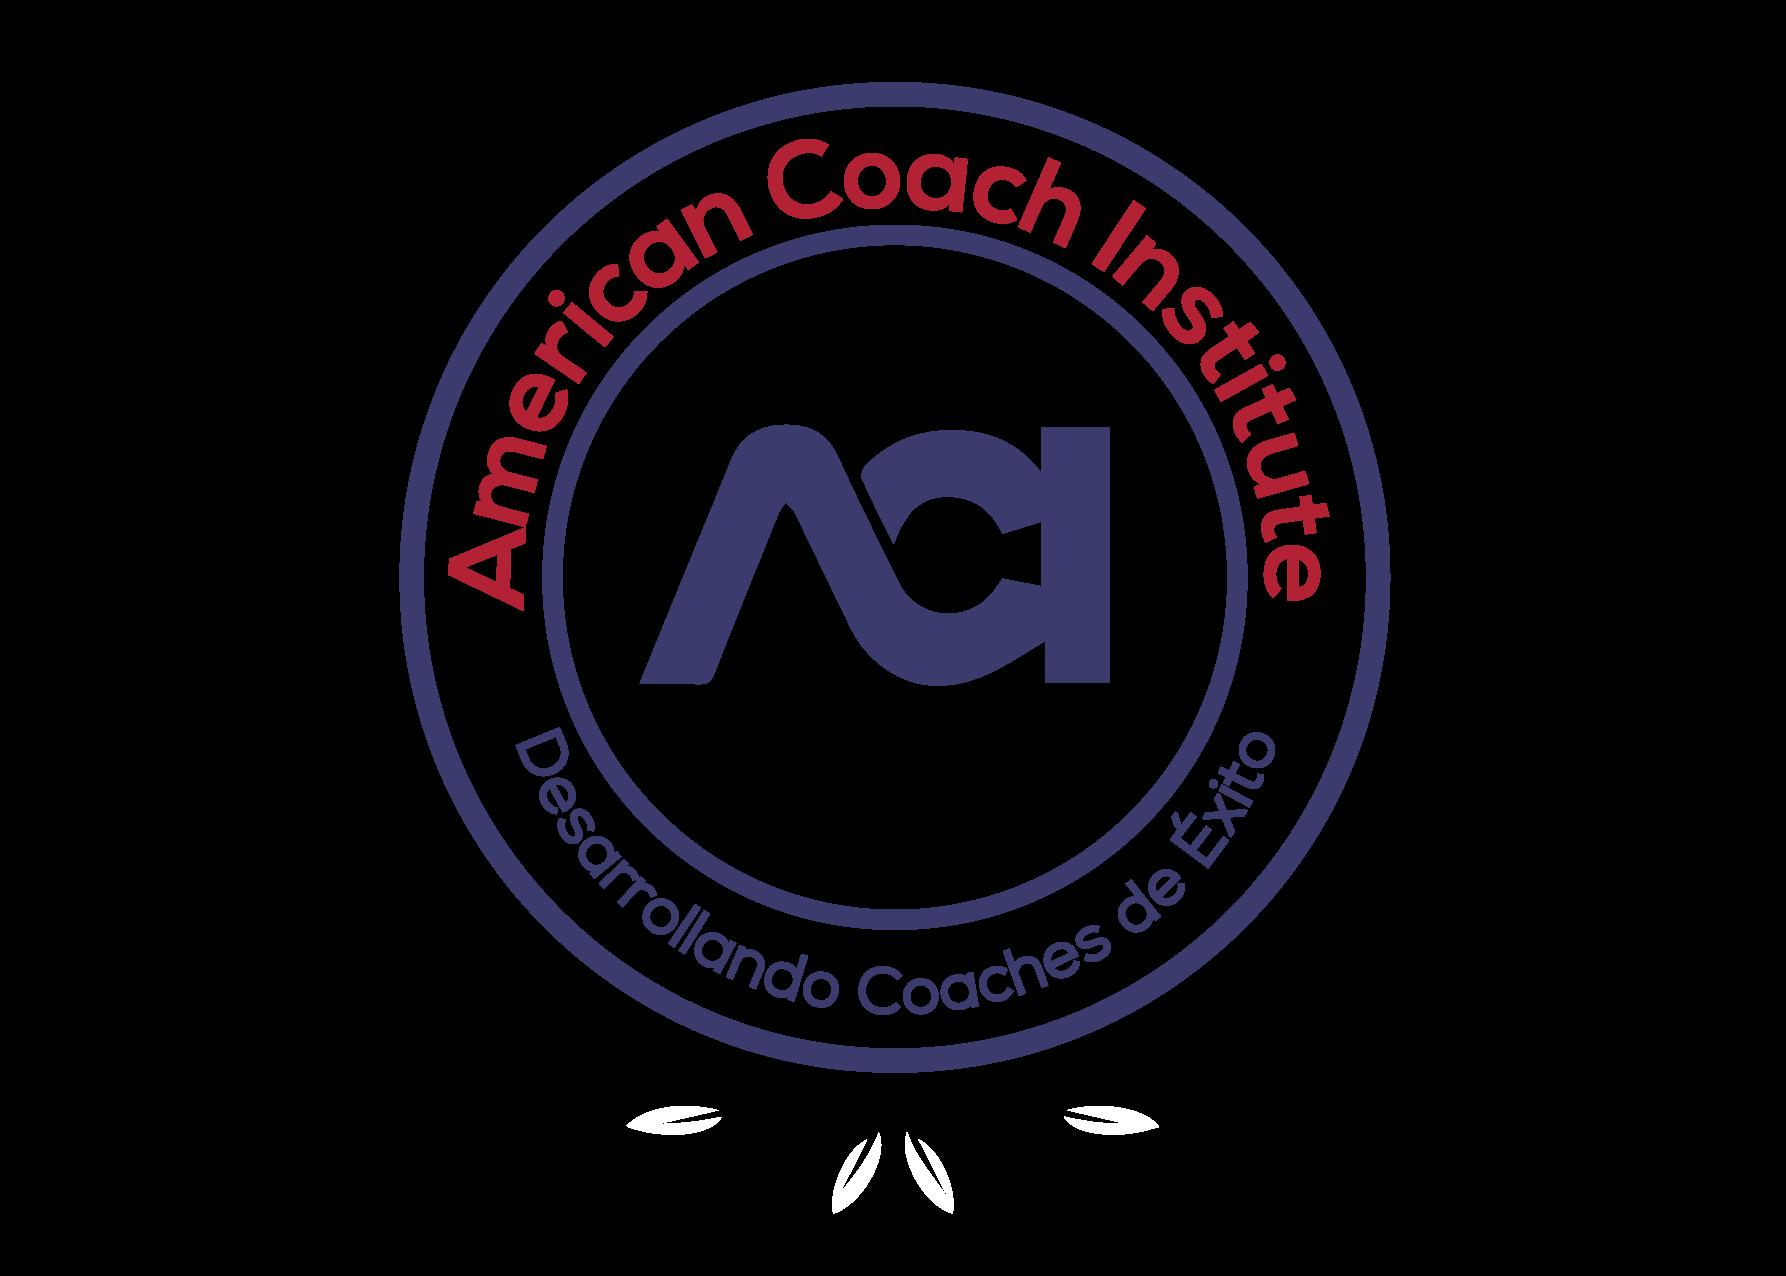 American Coach Institute